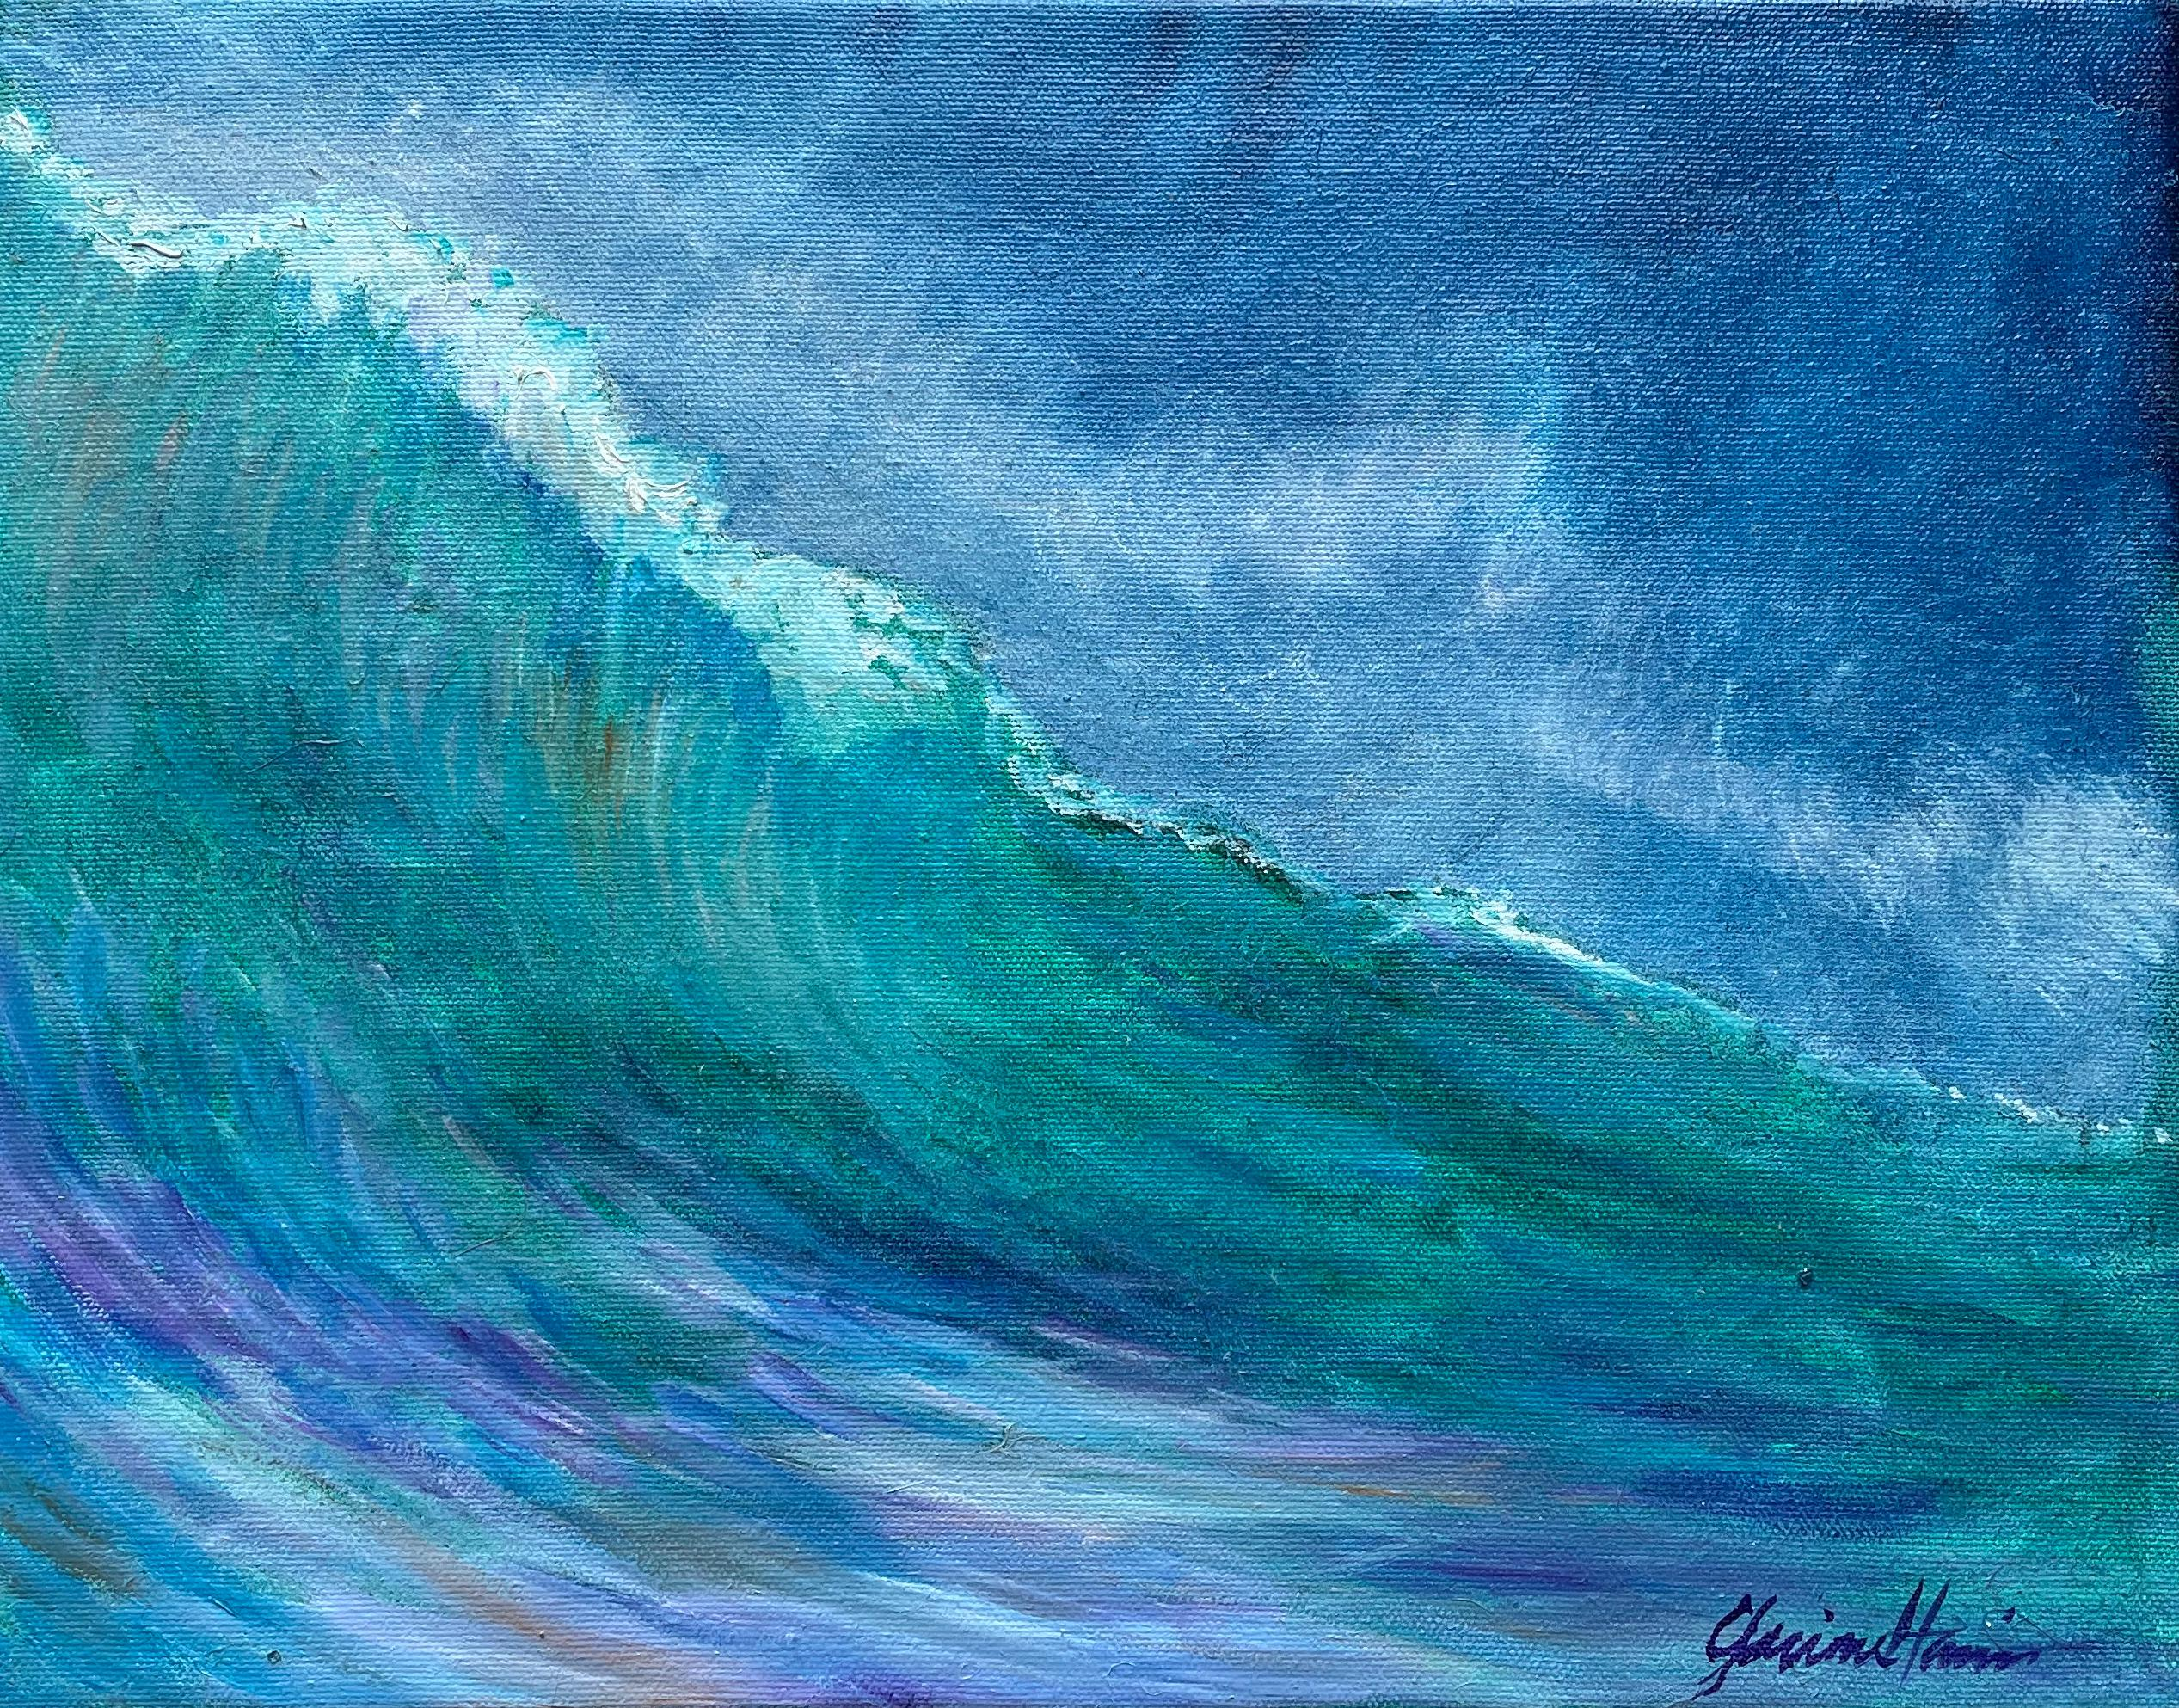 Torq Wave